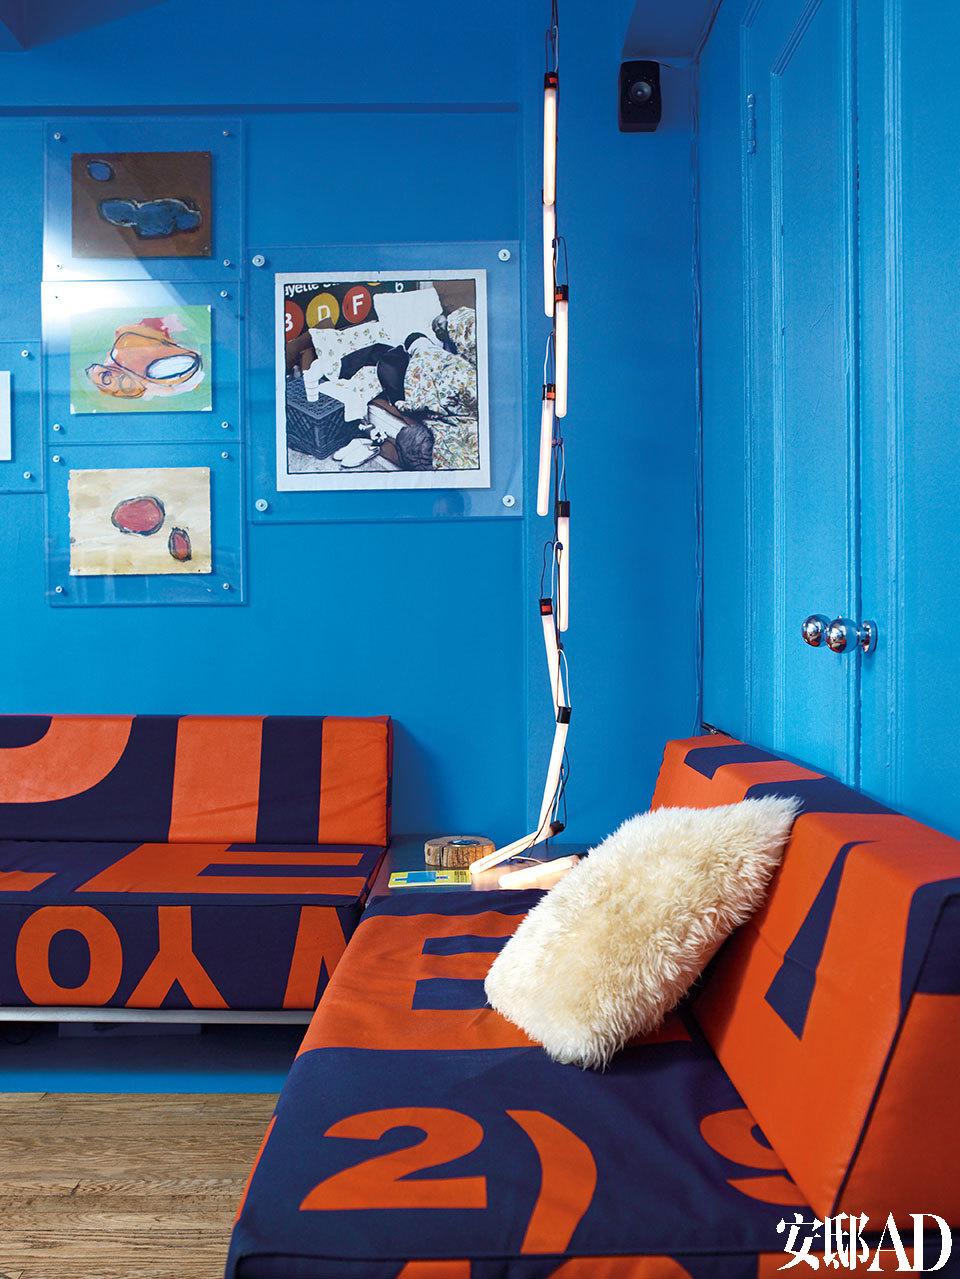 打开沙发背后的柜门,一张宽敞的沙发床藏在里面,而床尾就是露在外面的沙发。沙发为定制产品,由Giuseppe Lignano设计,其面料是二手的帆布(含有遮光成分),上面的图文则是Giuseppe在纽约的地址和电话号码。两美元一个的灯管挨个挂起来,成了颇具个性的照明装饰;墙上竖挂的三幅画作来自John Hartmann,右边的画作则来自纽约艺术家Emmanuel Viotte。